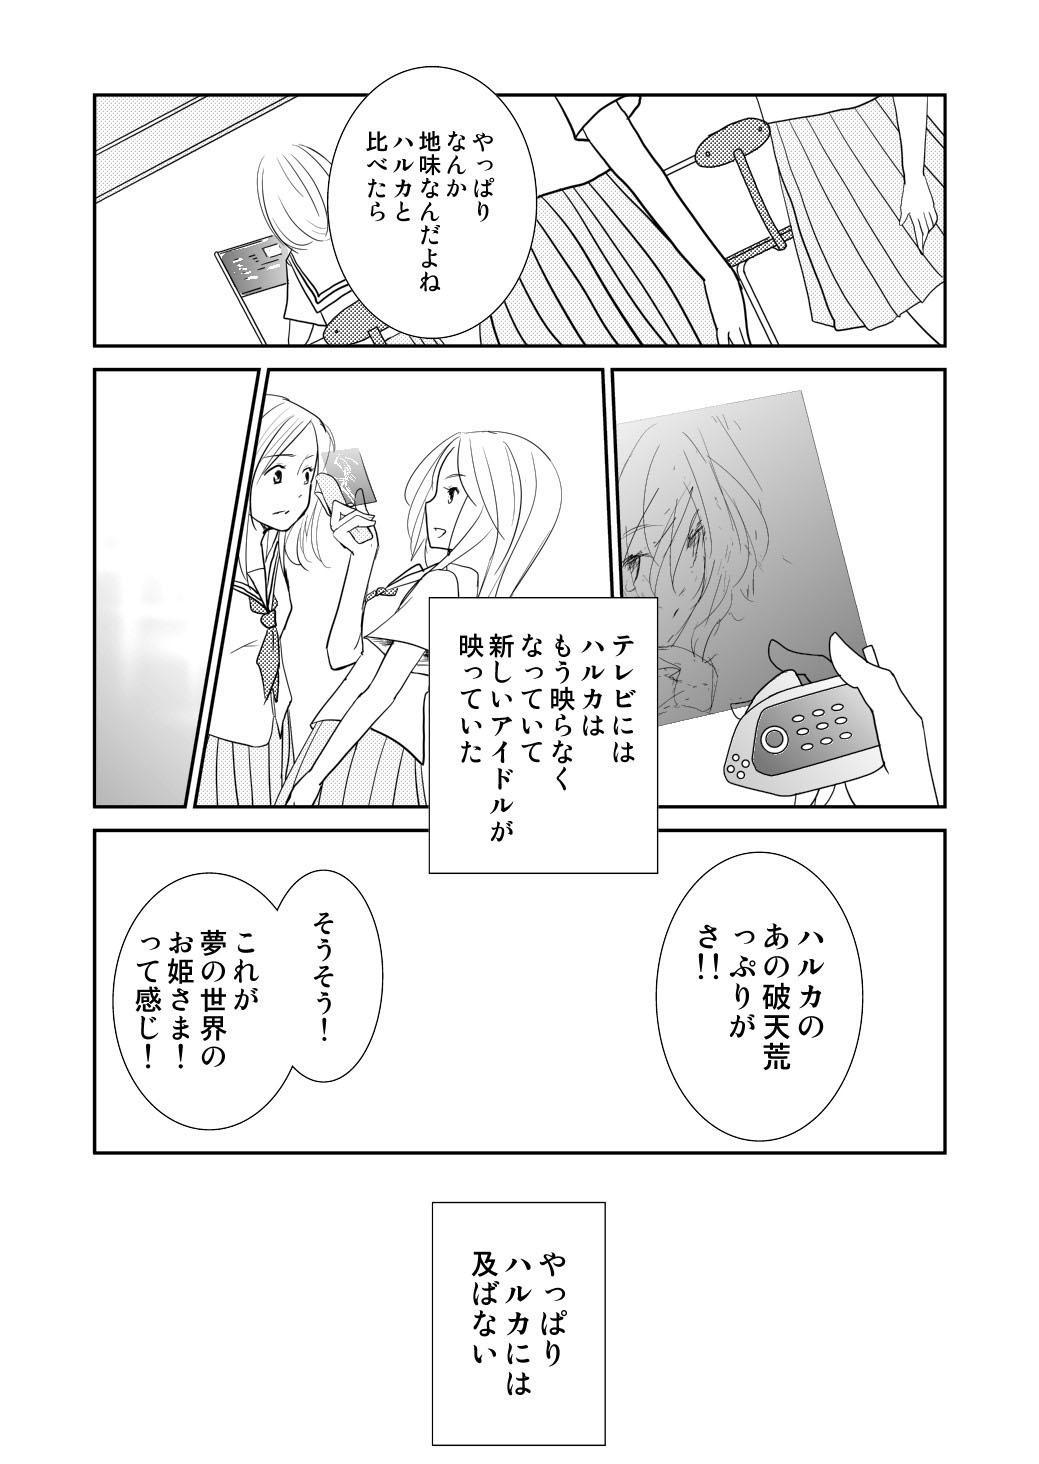 Yakusoku no Sora to Kimigaita Basho 1 ~ 2 36